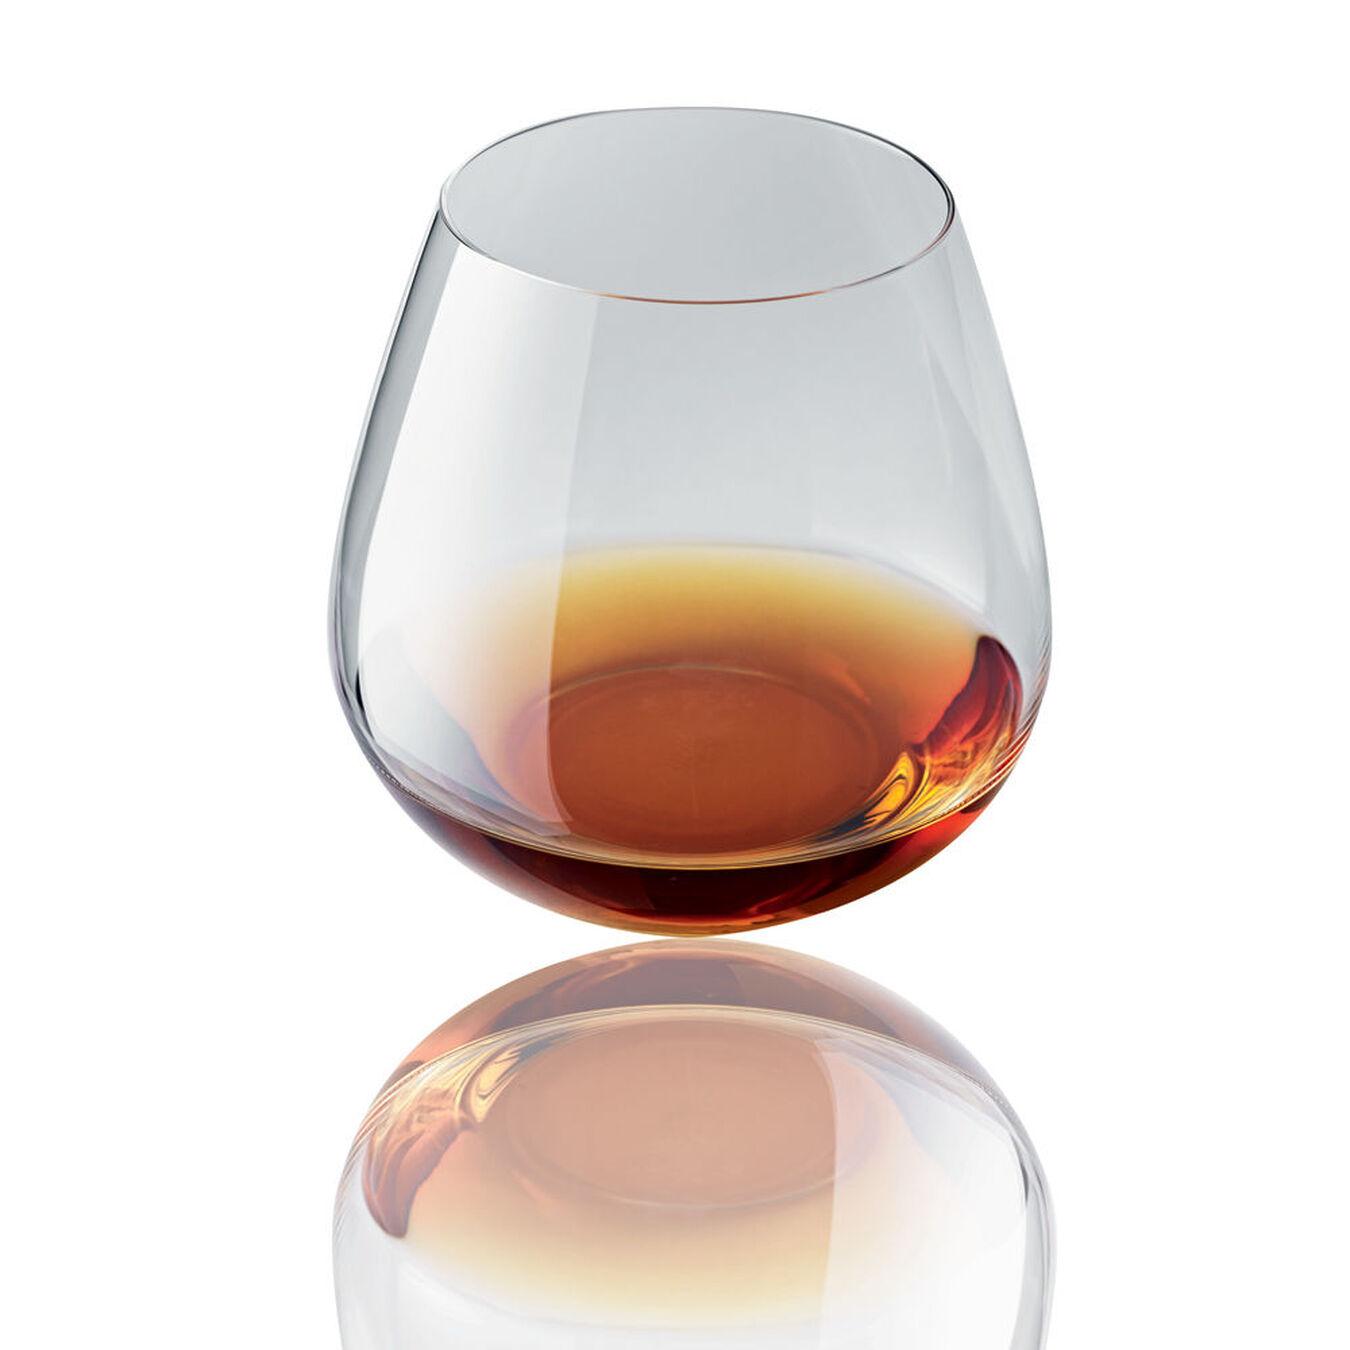 6-pc Whisky glass set, ,,large 2